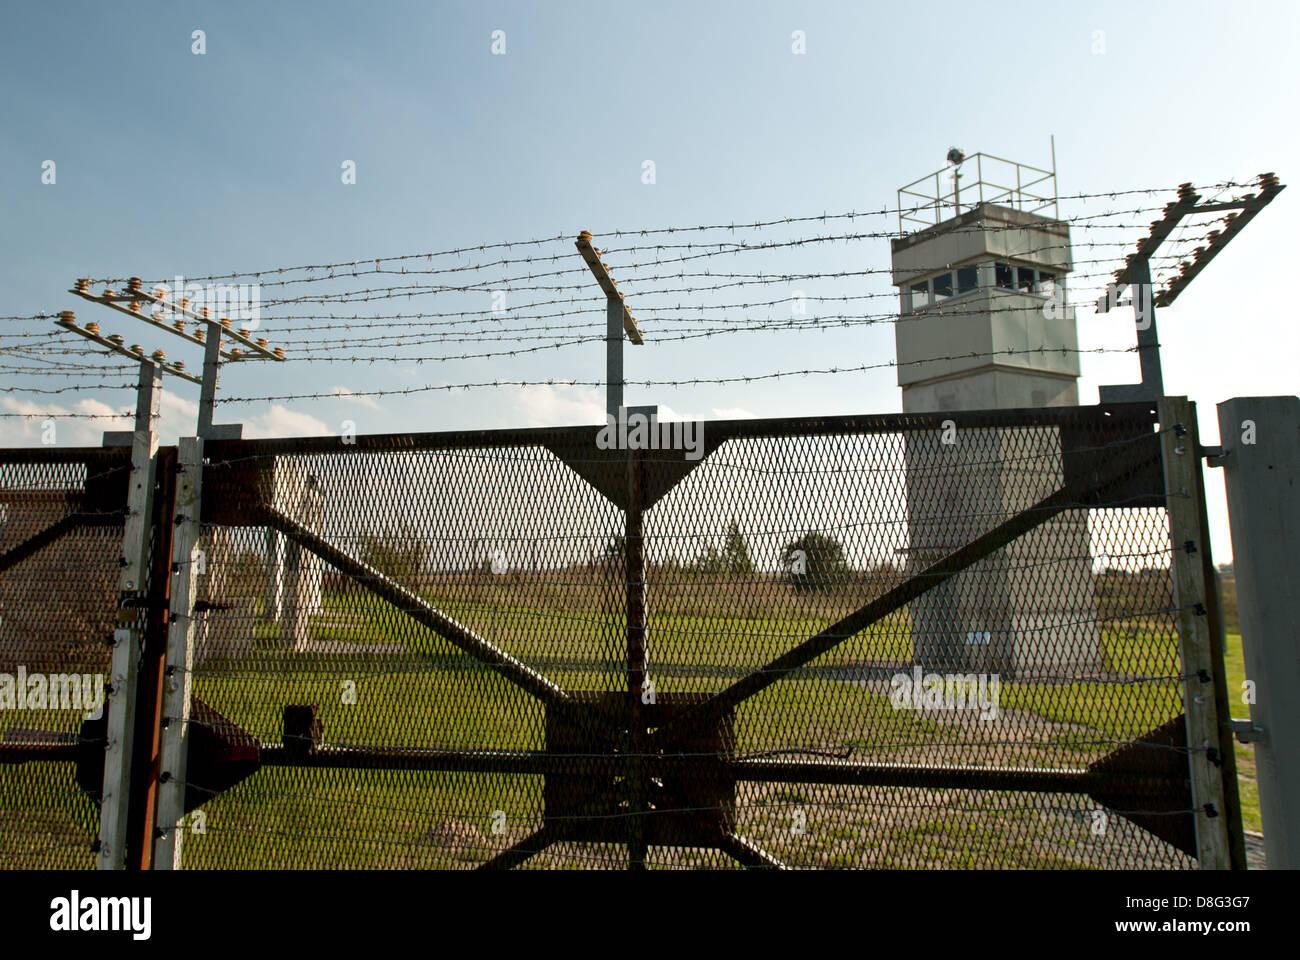 Los restos del interior de la frontera alemana (Die Grenze ) en Schlagsdorf , Alemania. Imagen De Stock